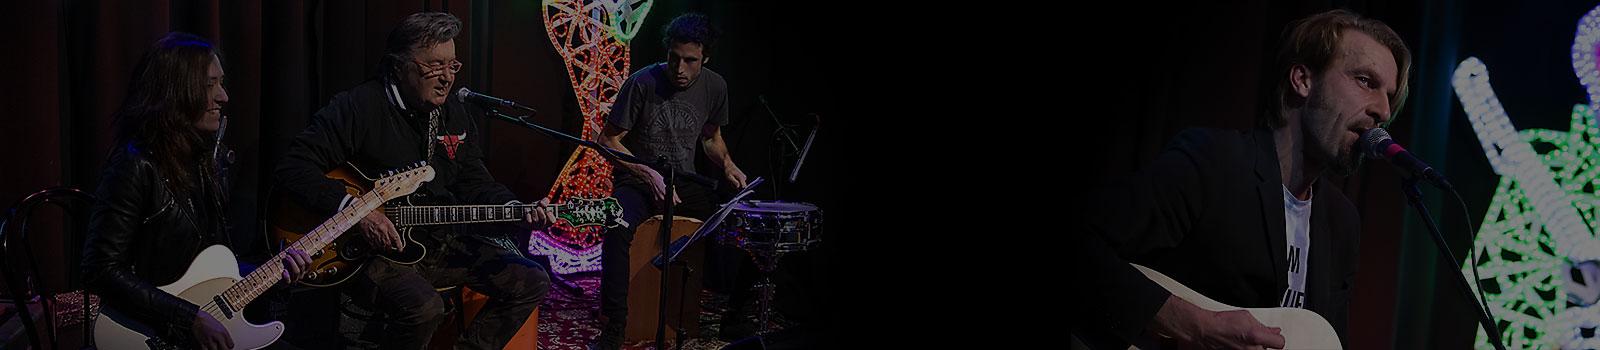 BARONE ROSSO | Bobby Solo, Giulio Casale, Massimiliano Pani